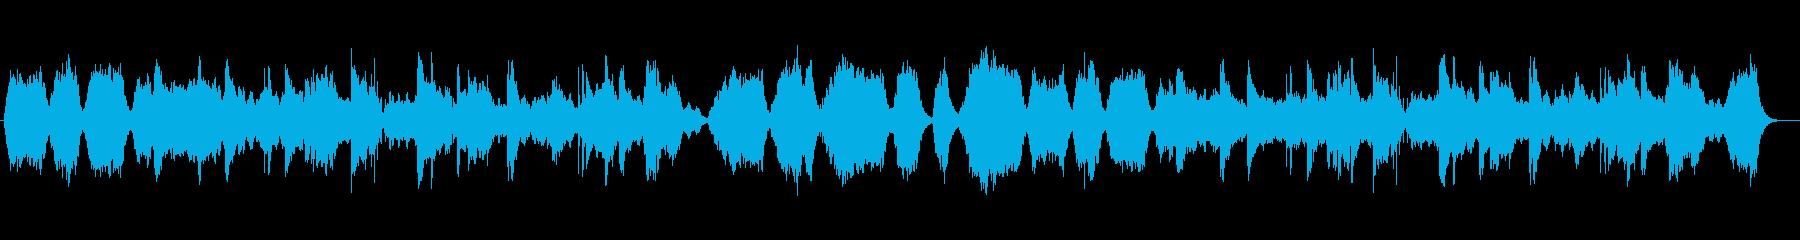 幻想的で和風なヒーリングミュージックの再生済みの波形